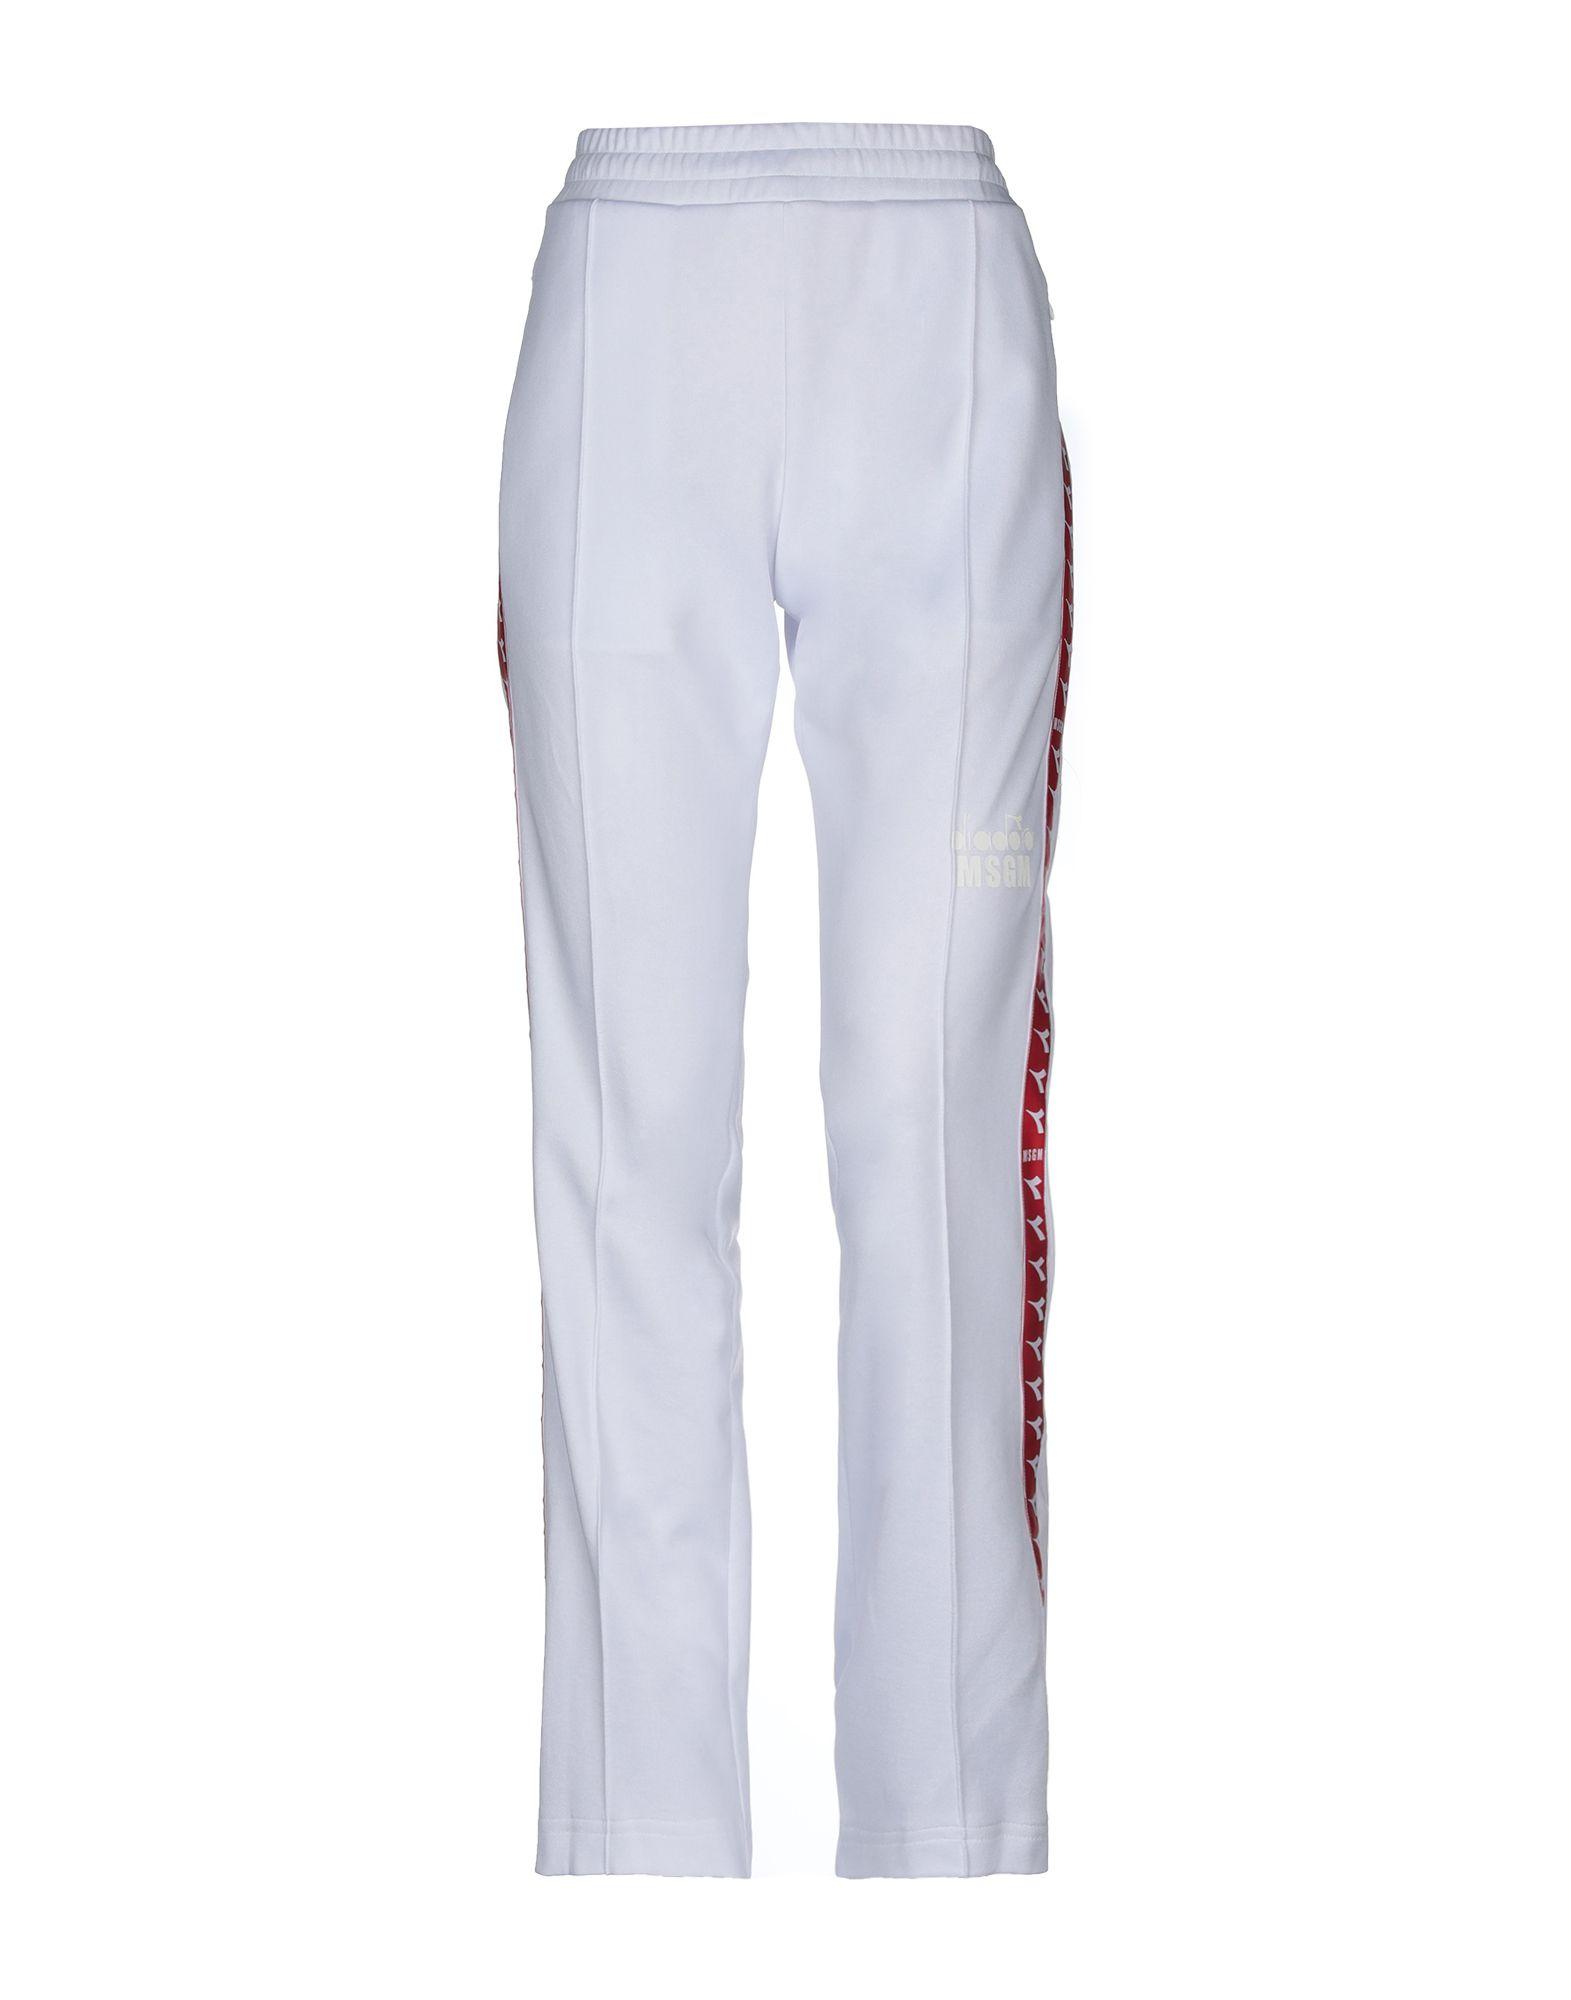 MSGM x DIADORA Повседневные брюки msgm x diadora бермуды